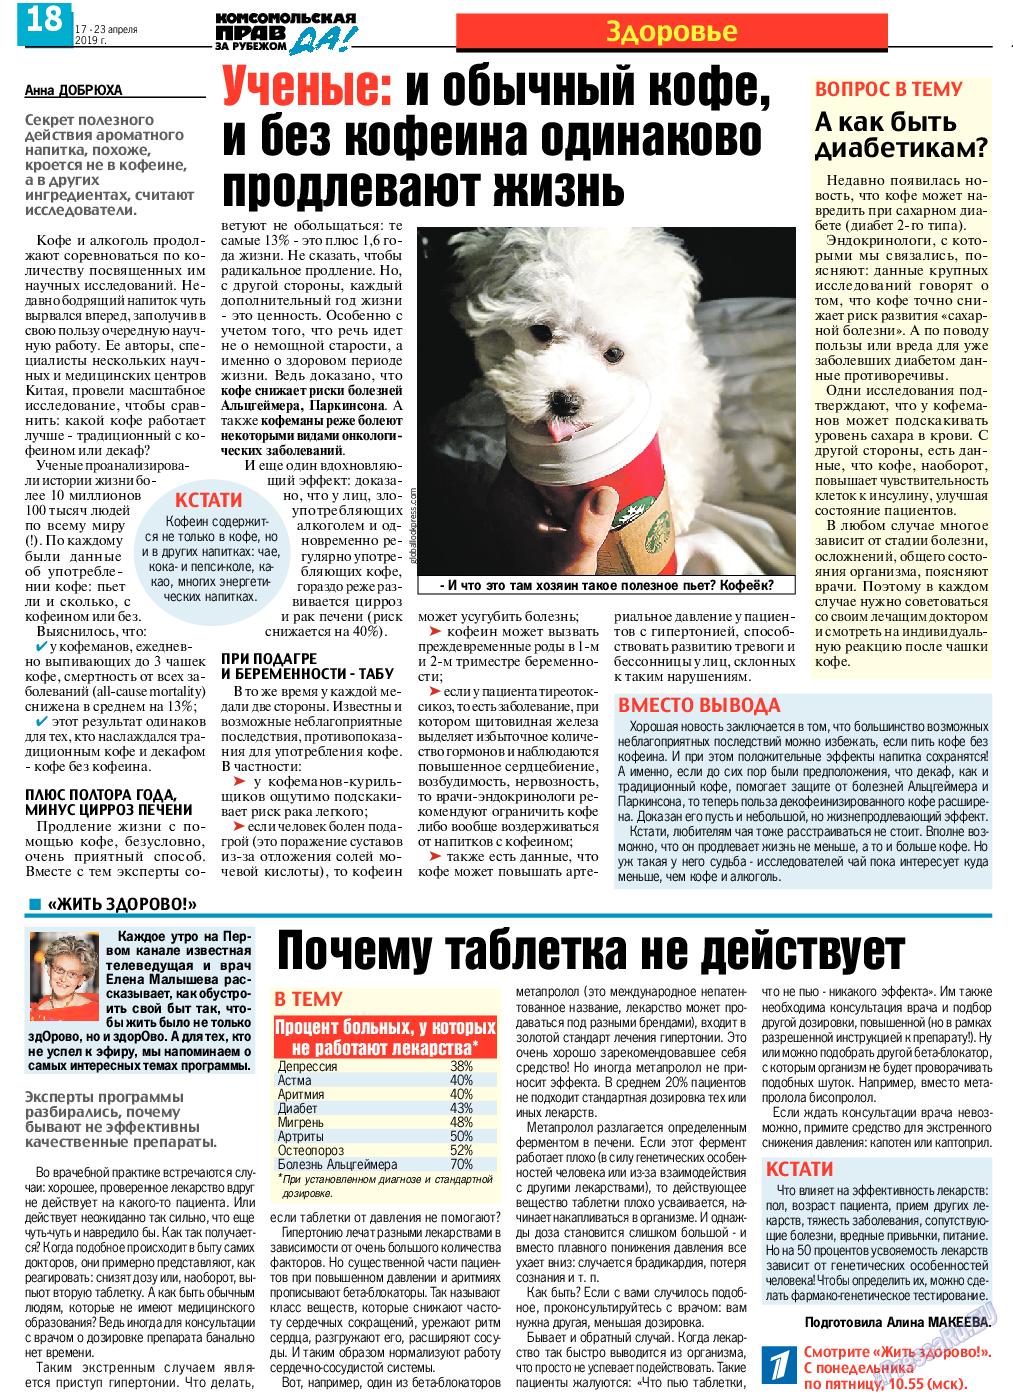 КП в Европе (газета). 2019 год, номер 16, стр. 18